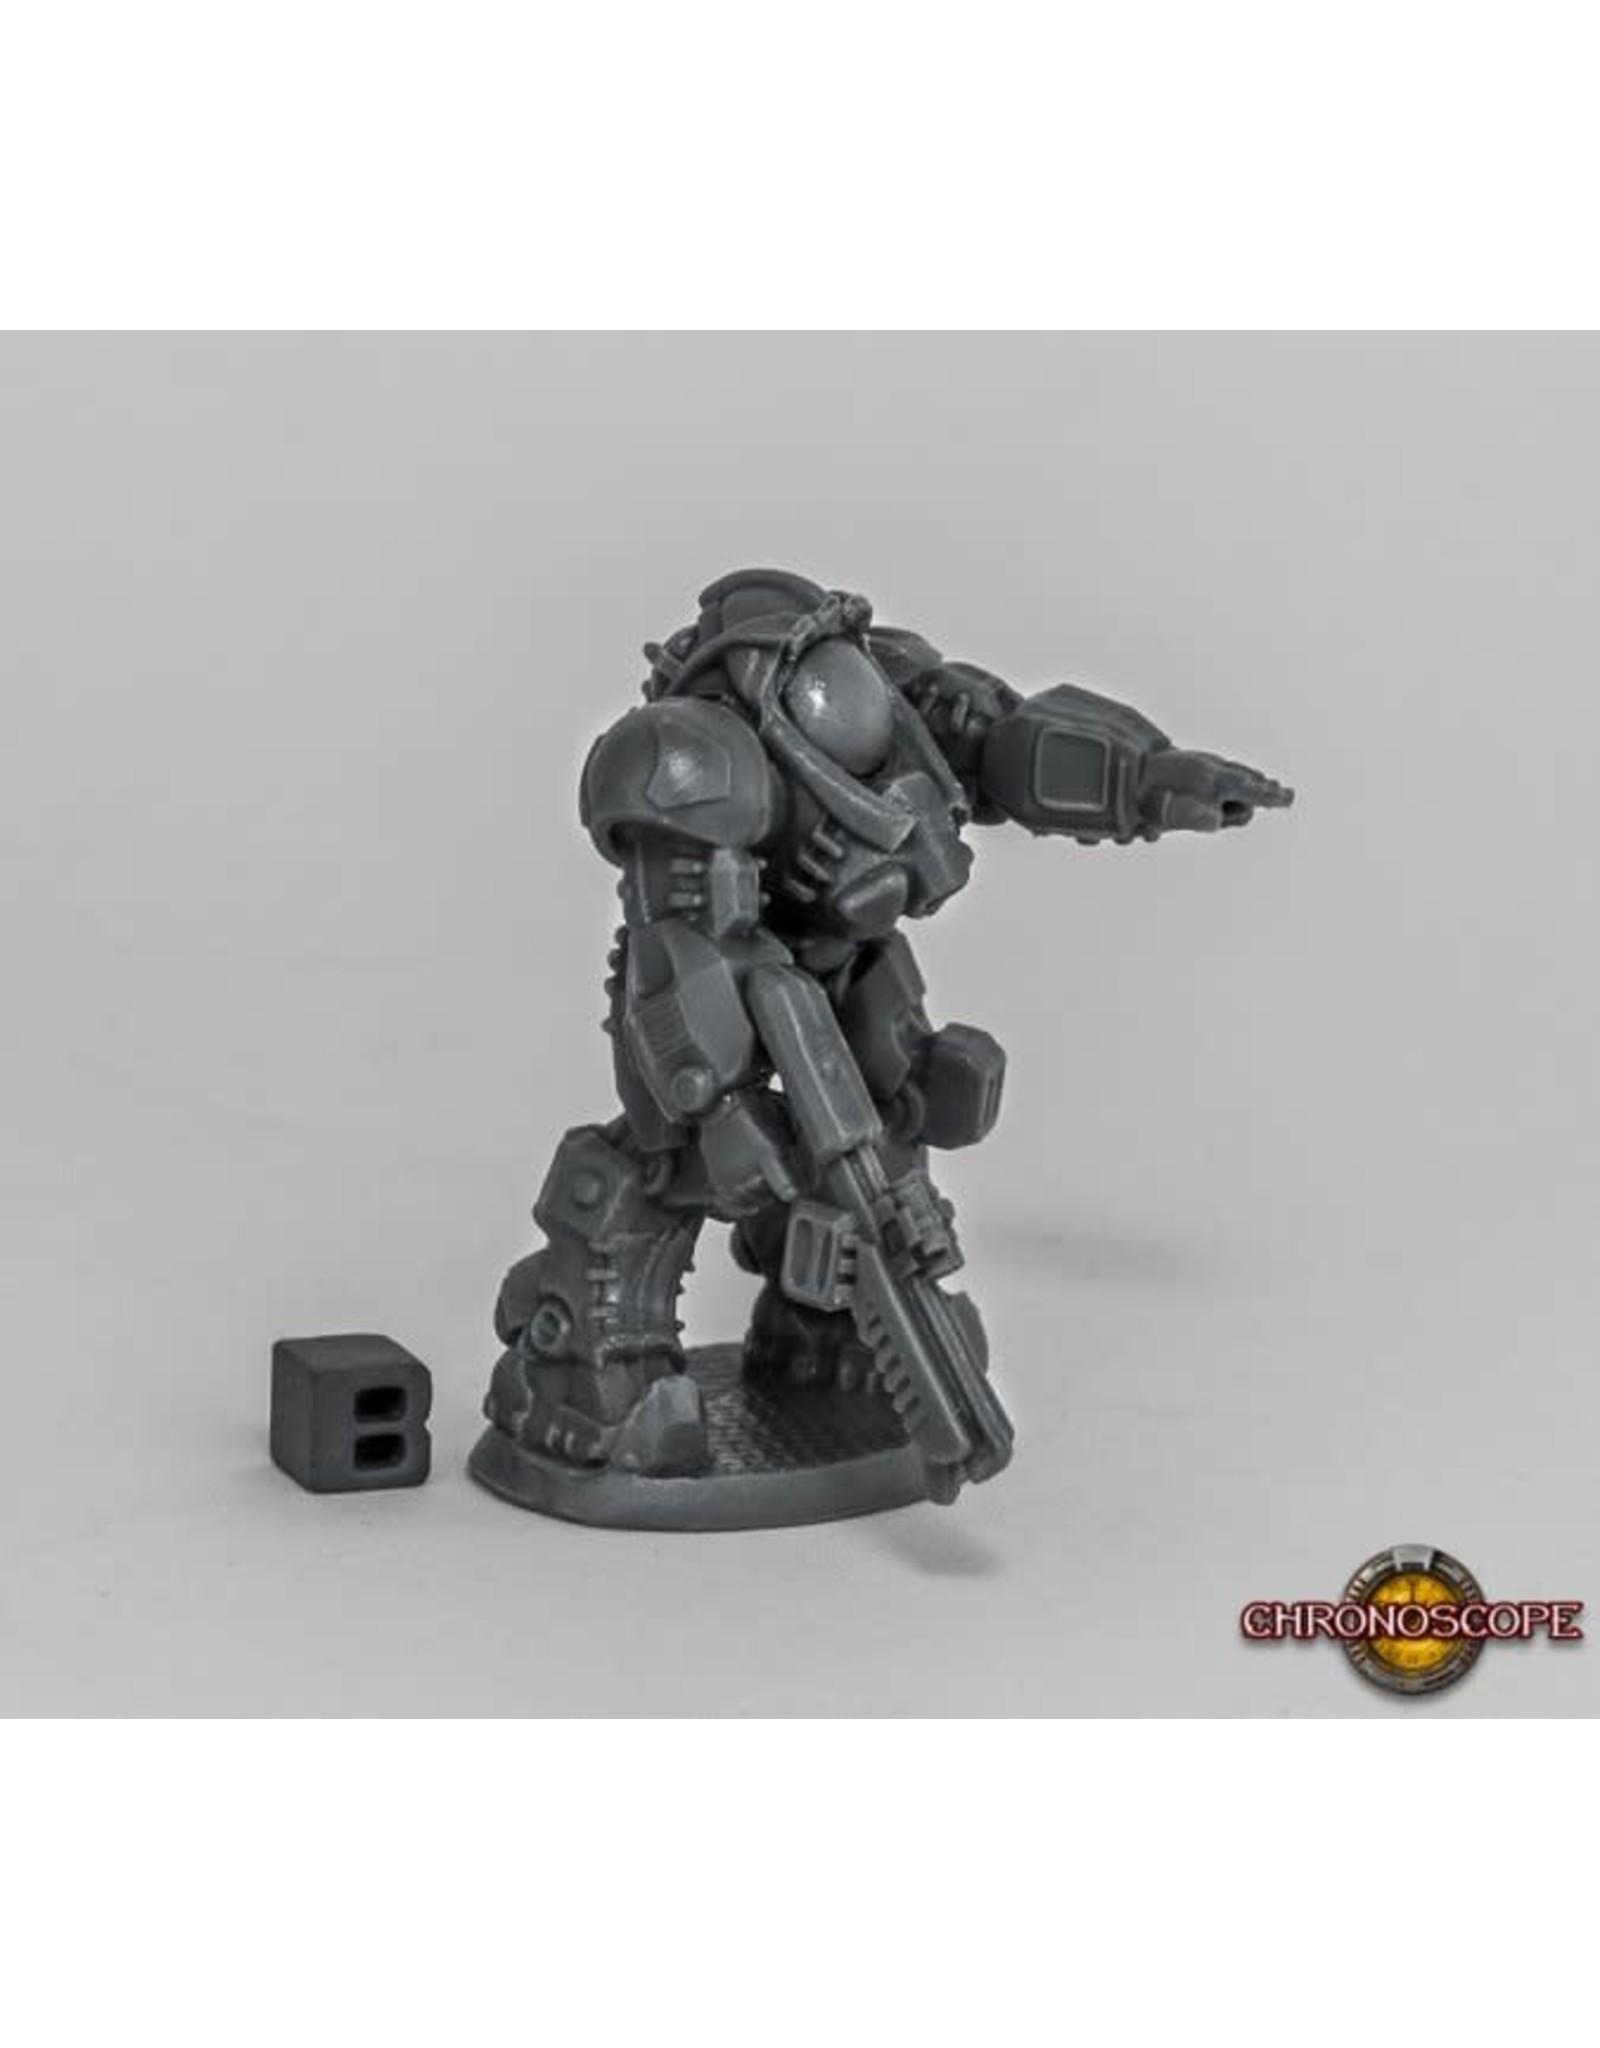 Reaper Miniatures Bones Blackstar Corsair Echo